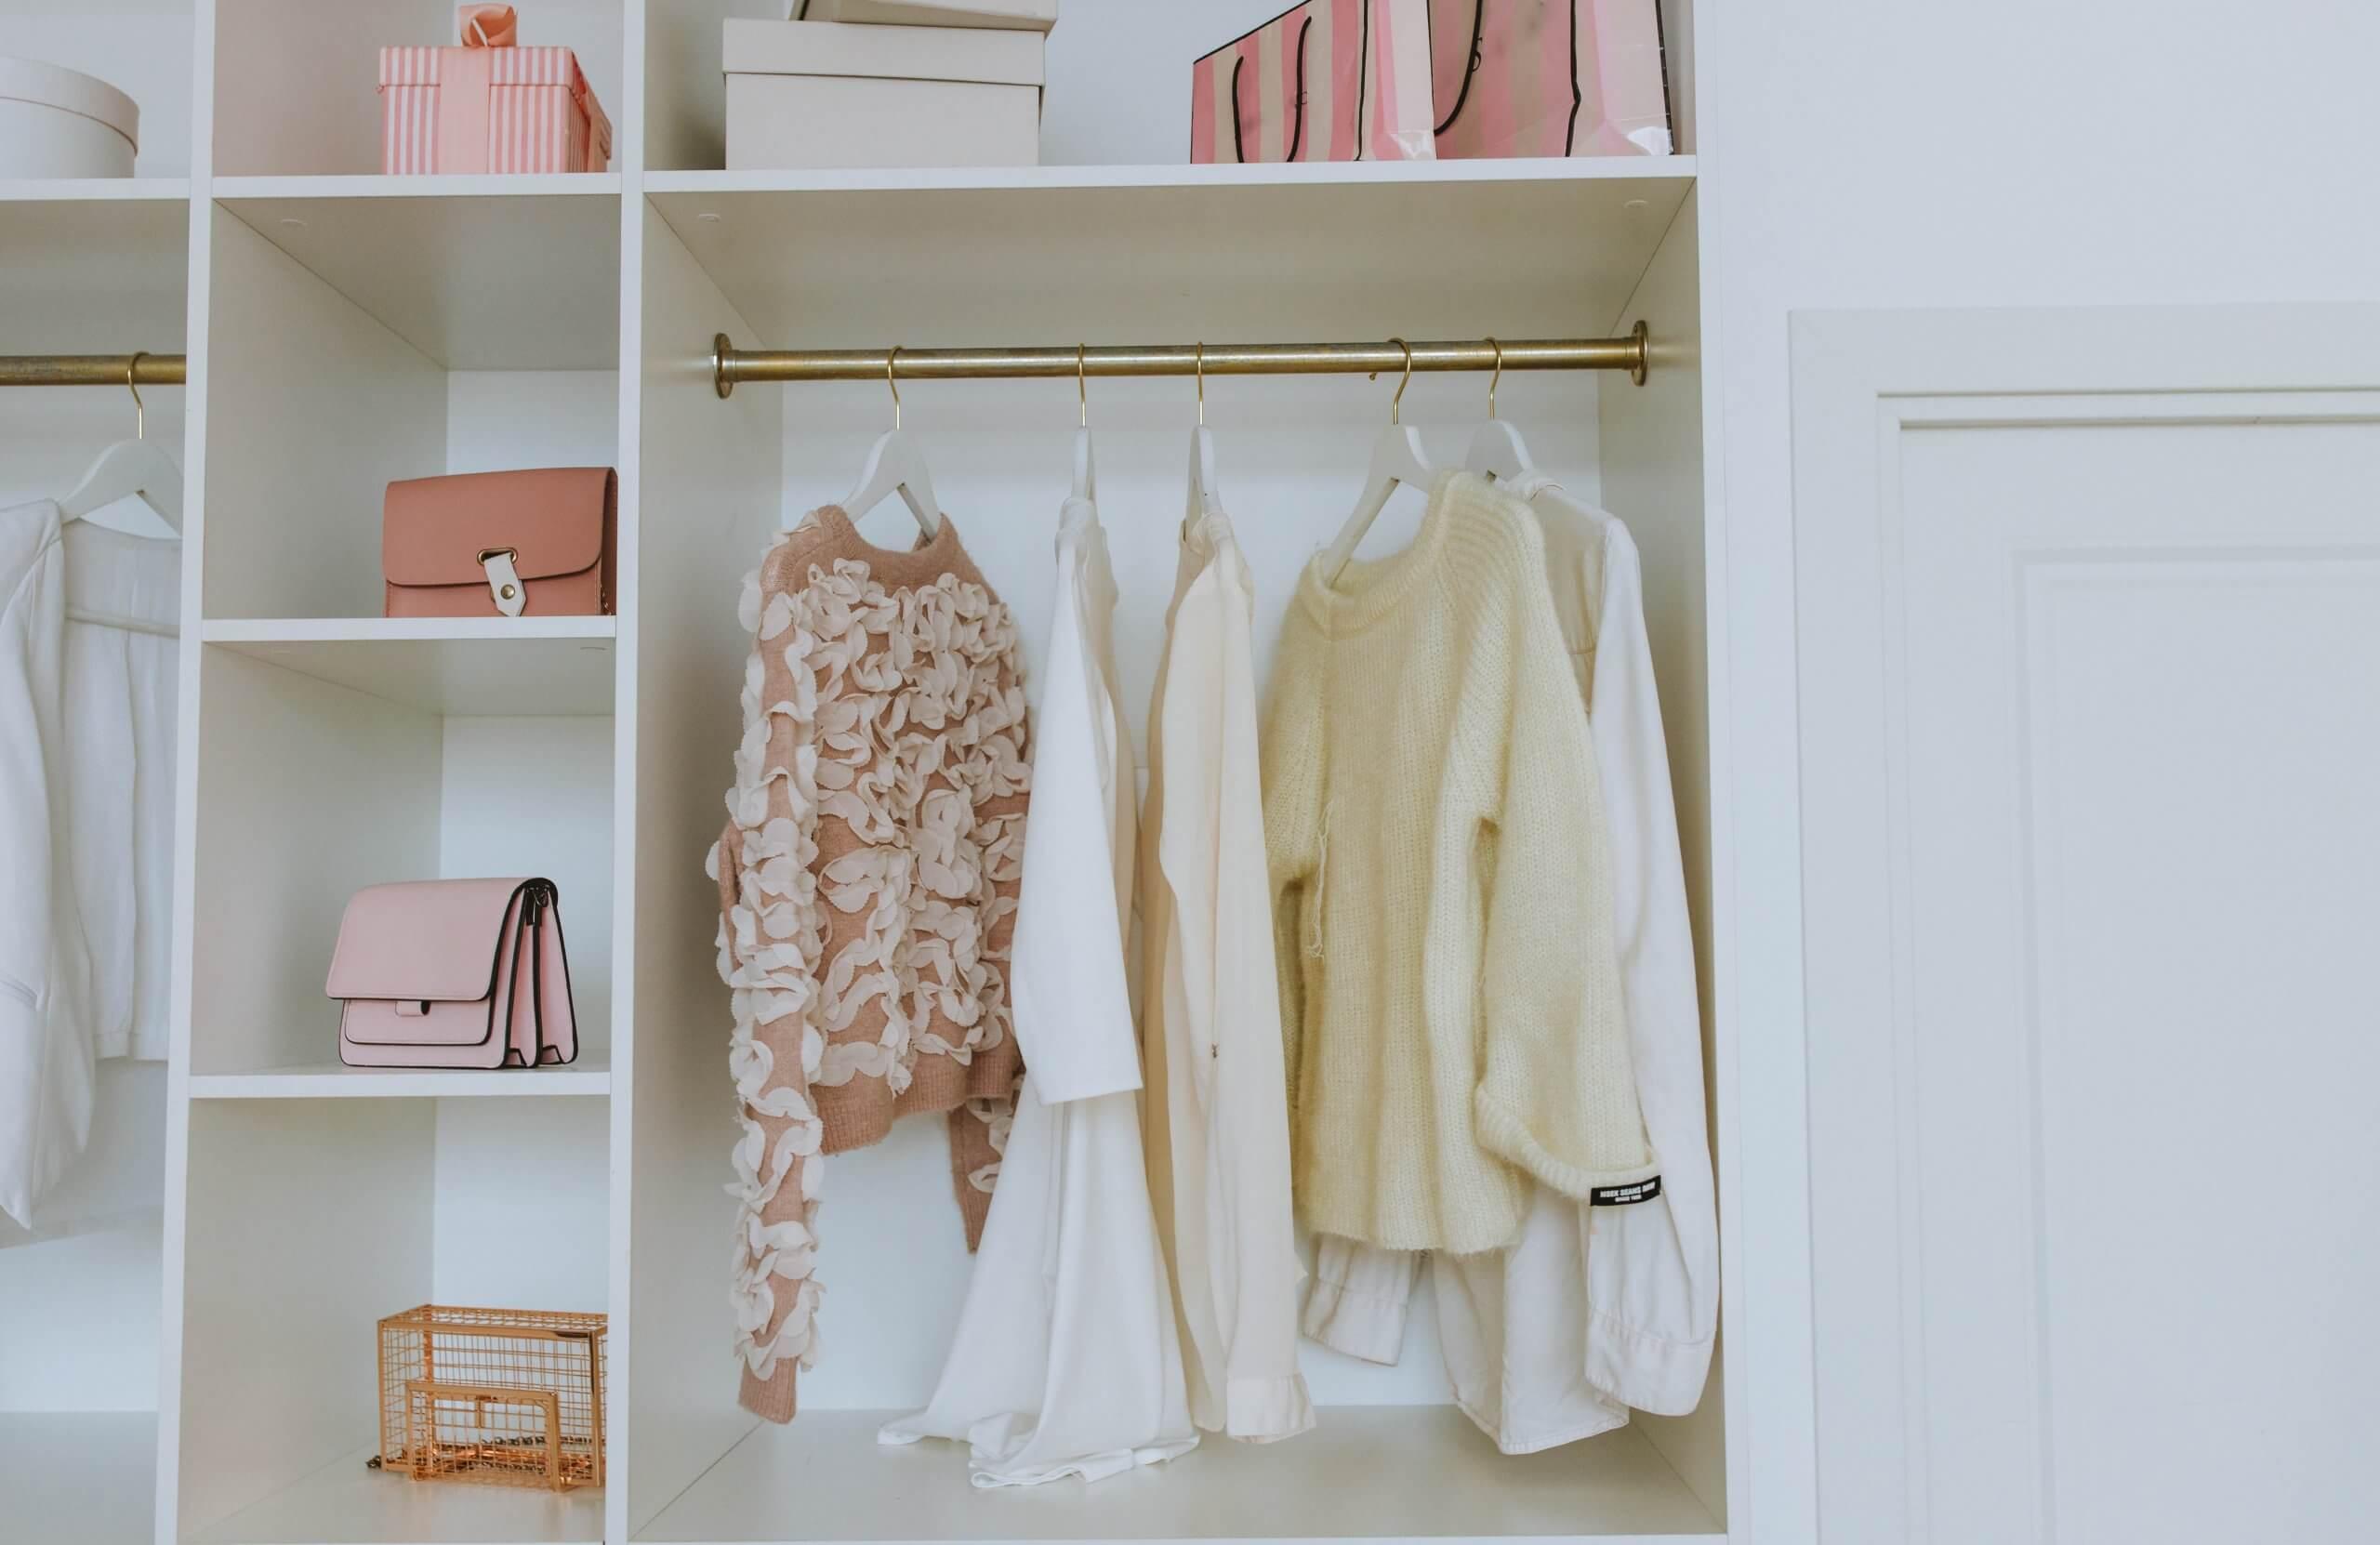 armário branco com roupa de mulher pendurada de cor de rosa e branco e malas em prateleiras